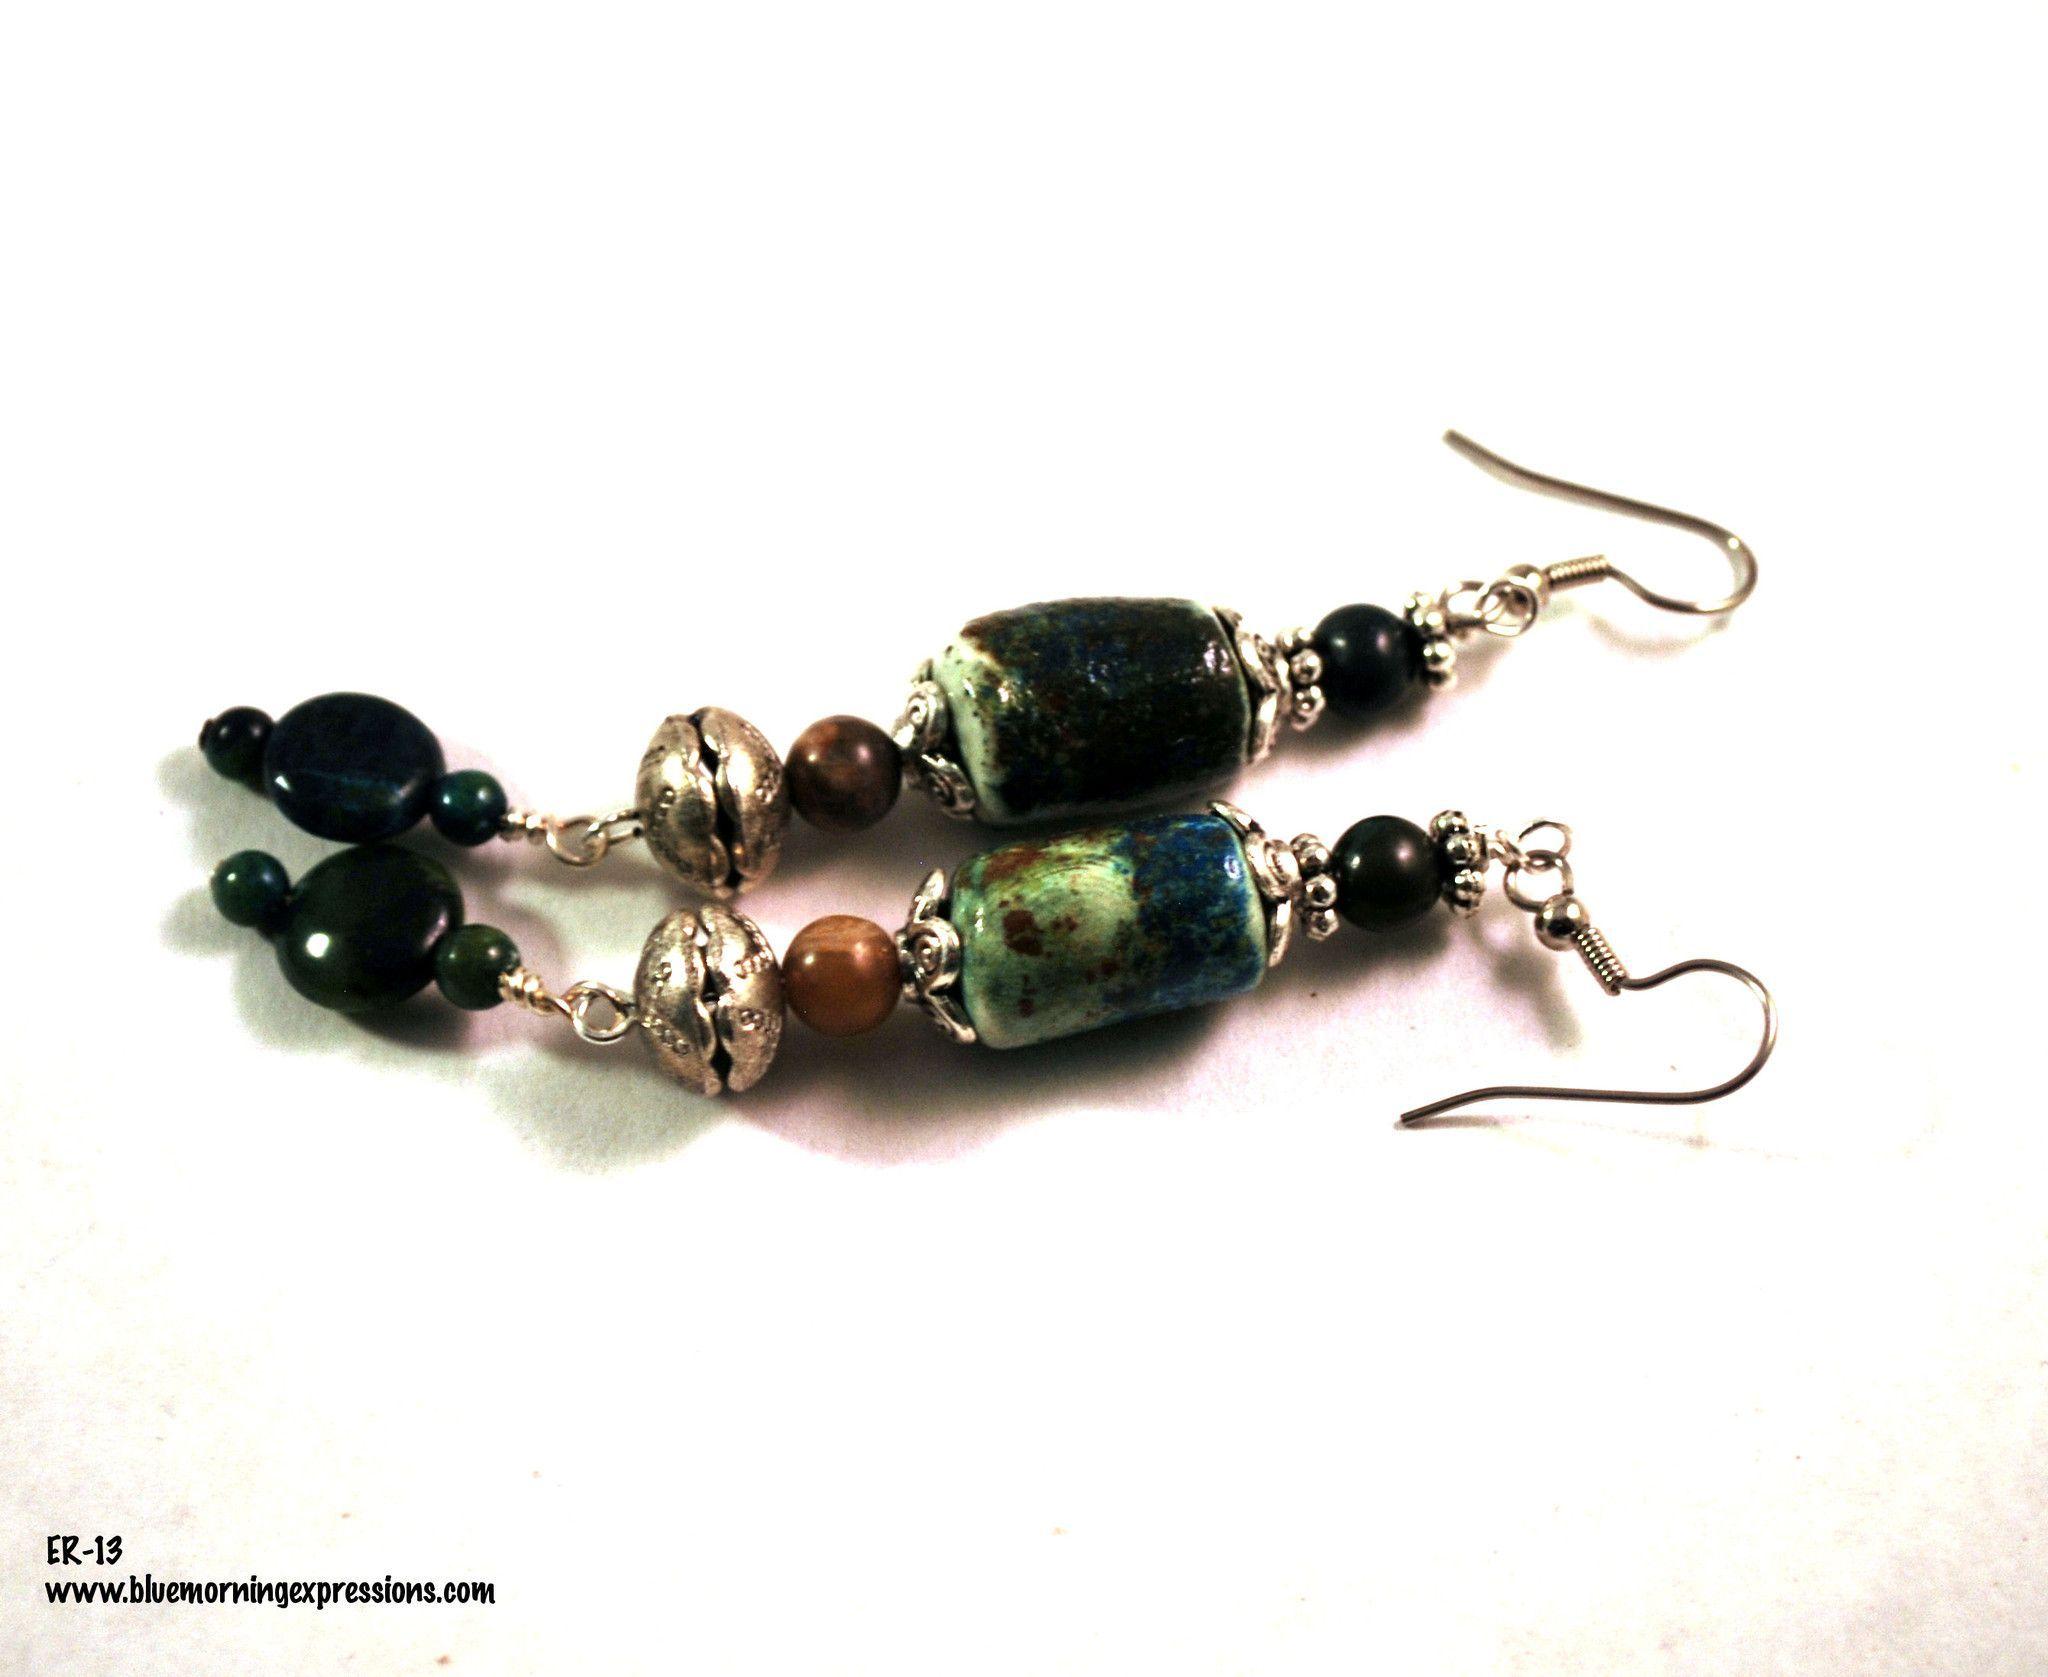 Earrings for Women, Dangle Earrings, Boho Earrings, Polymer Clay Earrings, Long Earrings, Bohemian Jewelry